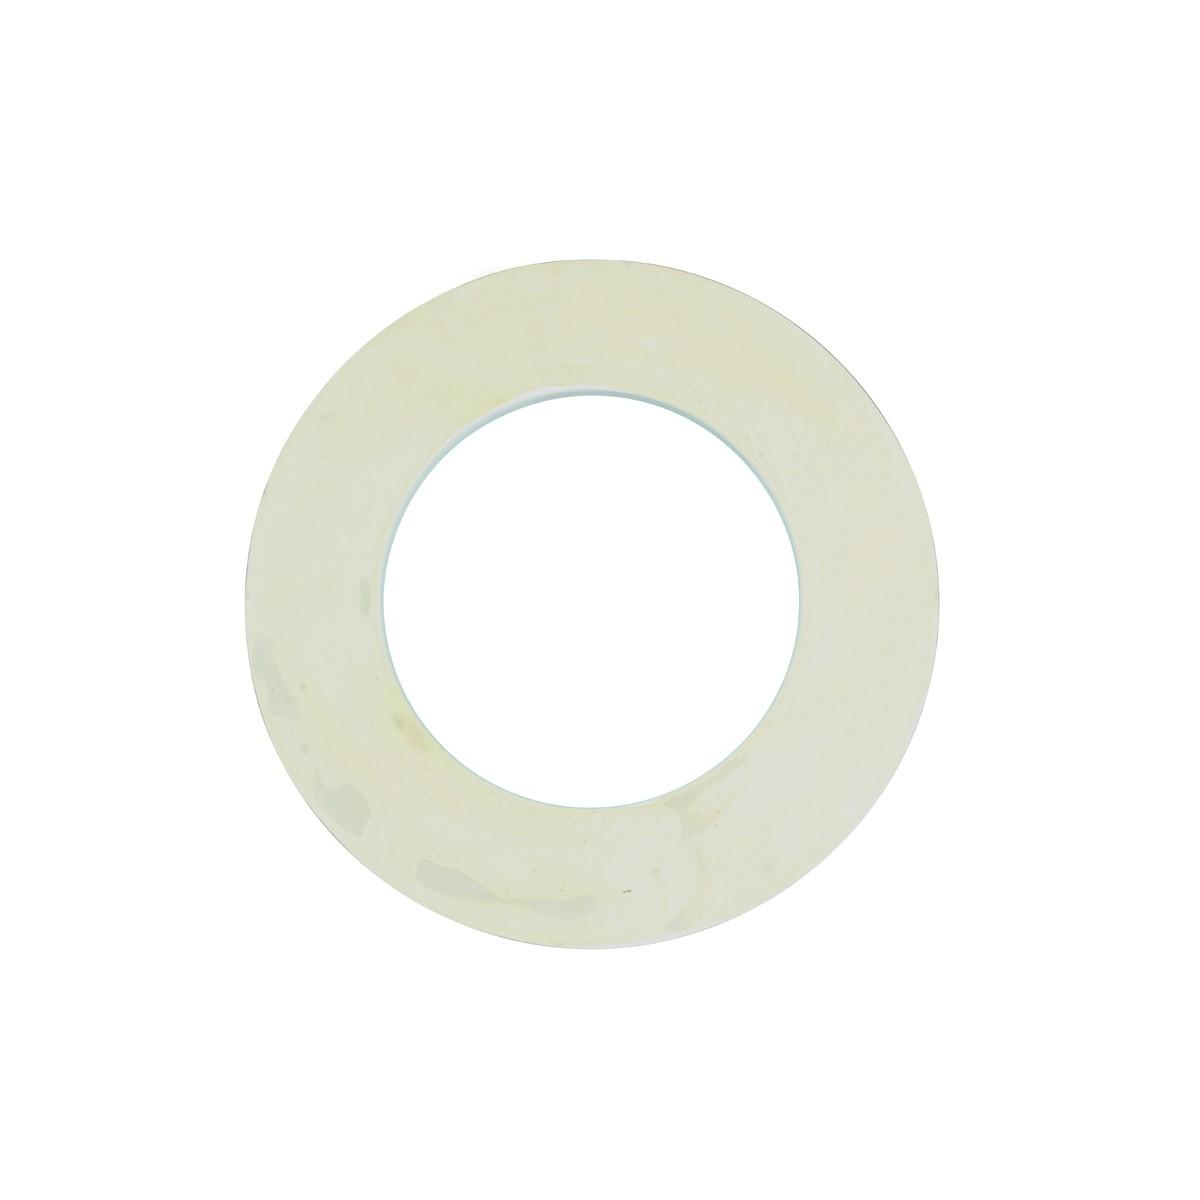 Spot Light Trim Medallions 6 Inch ID White Urethane Set of 10 small ceiling medallion spot light trim medallion spot light medallion